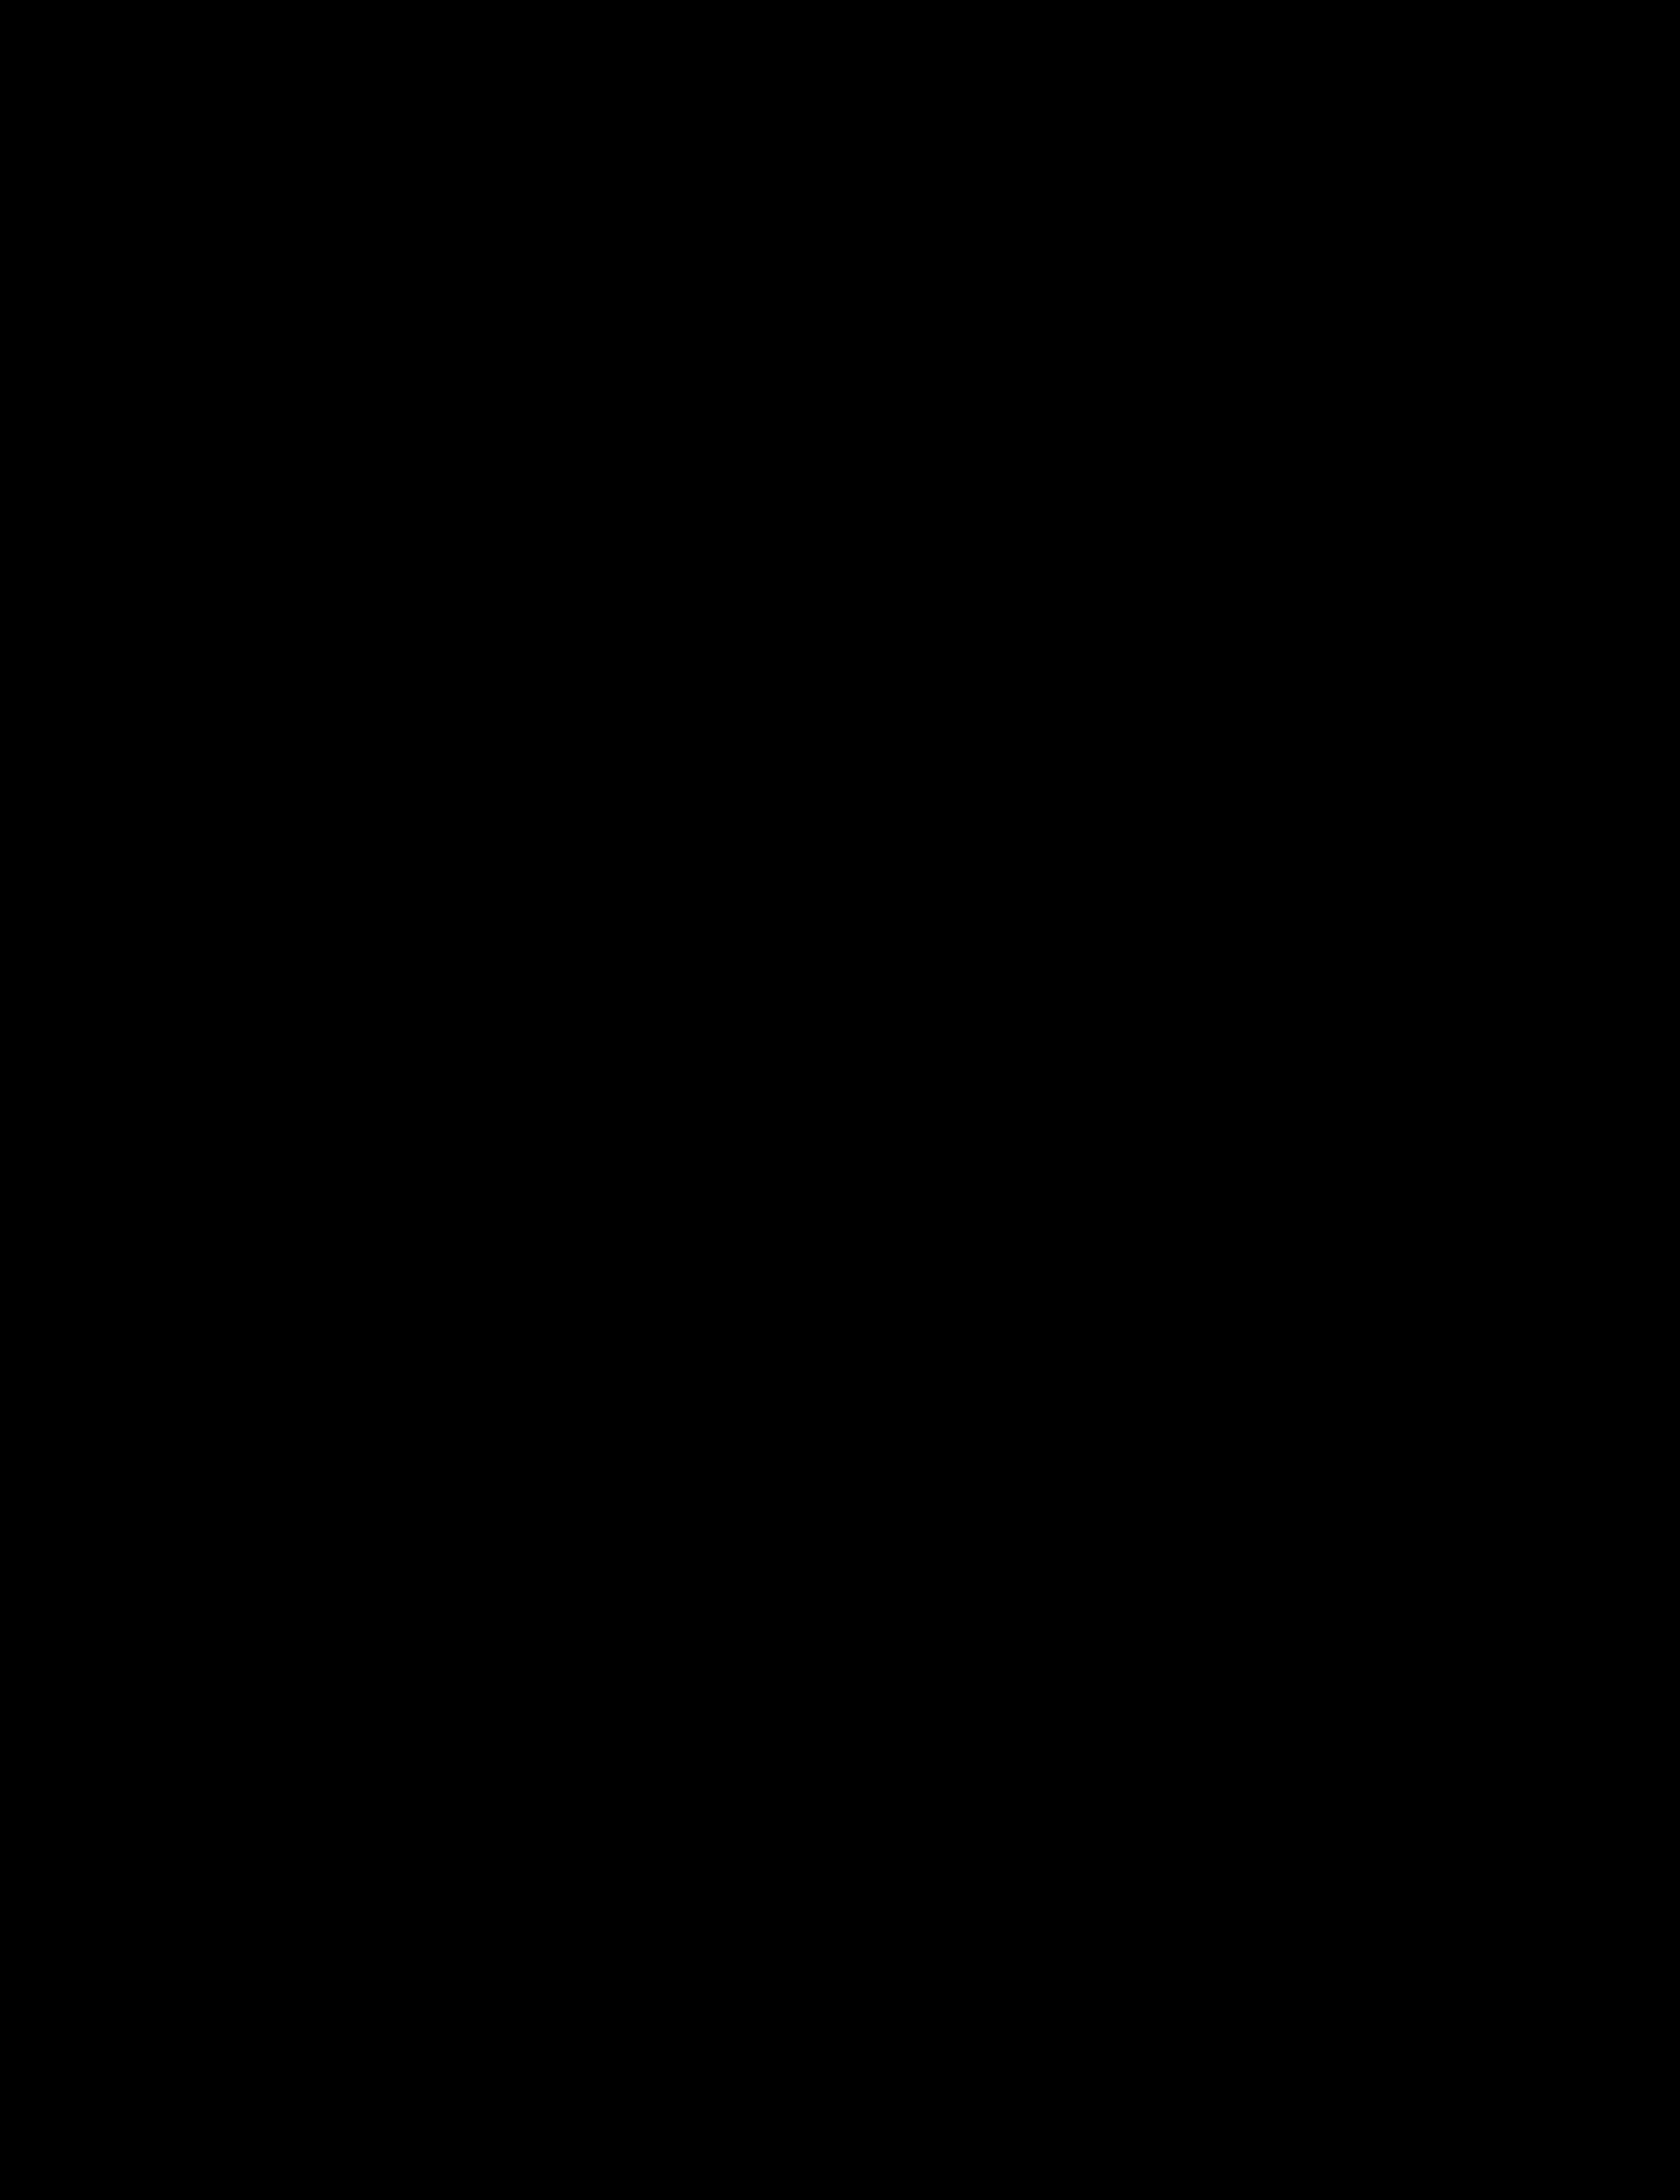 download greensche funktionen in festkorper und vielteilchenphysik 2001